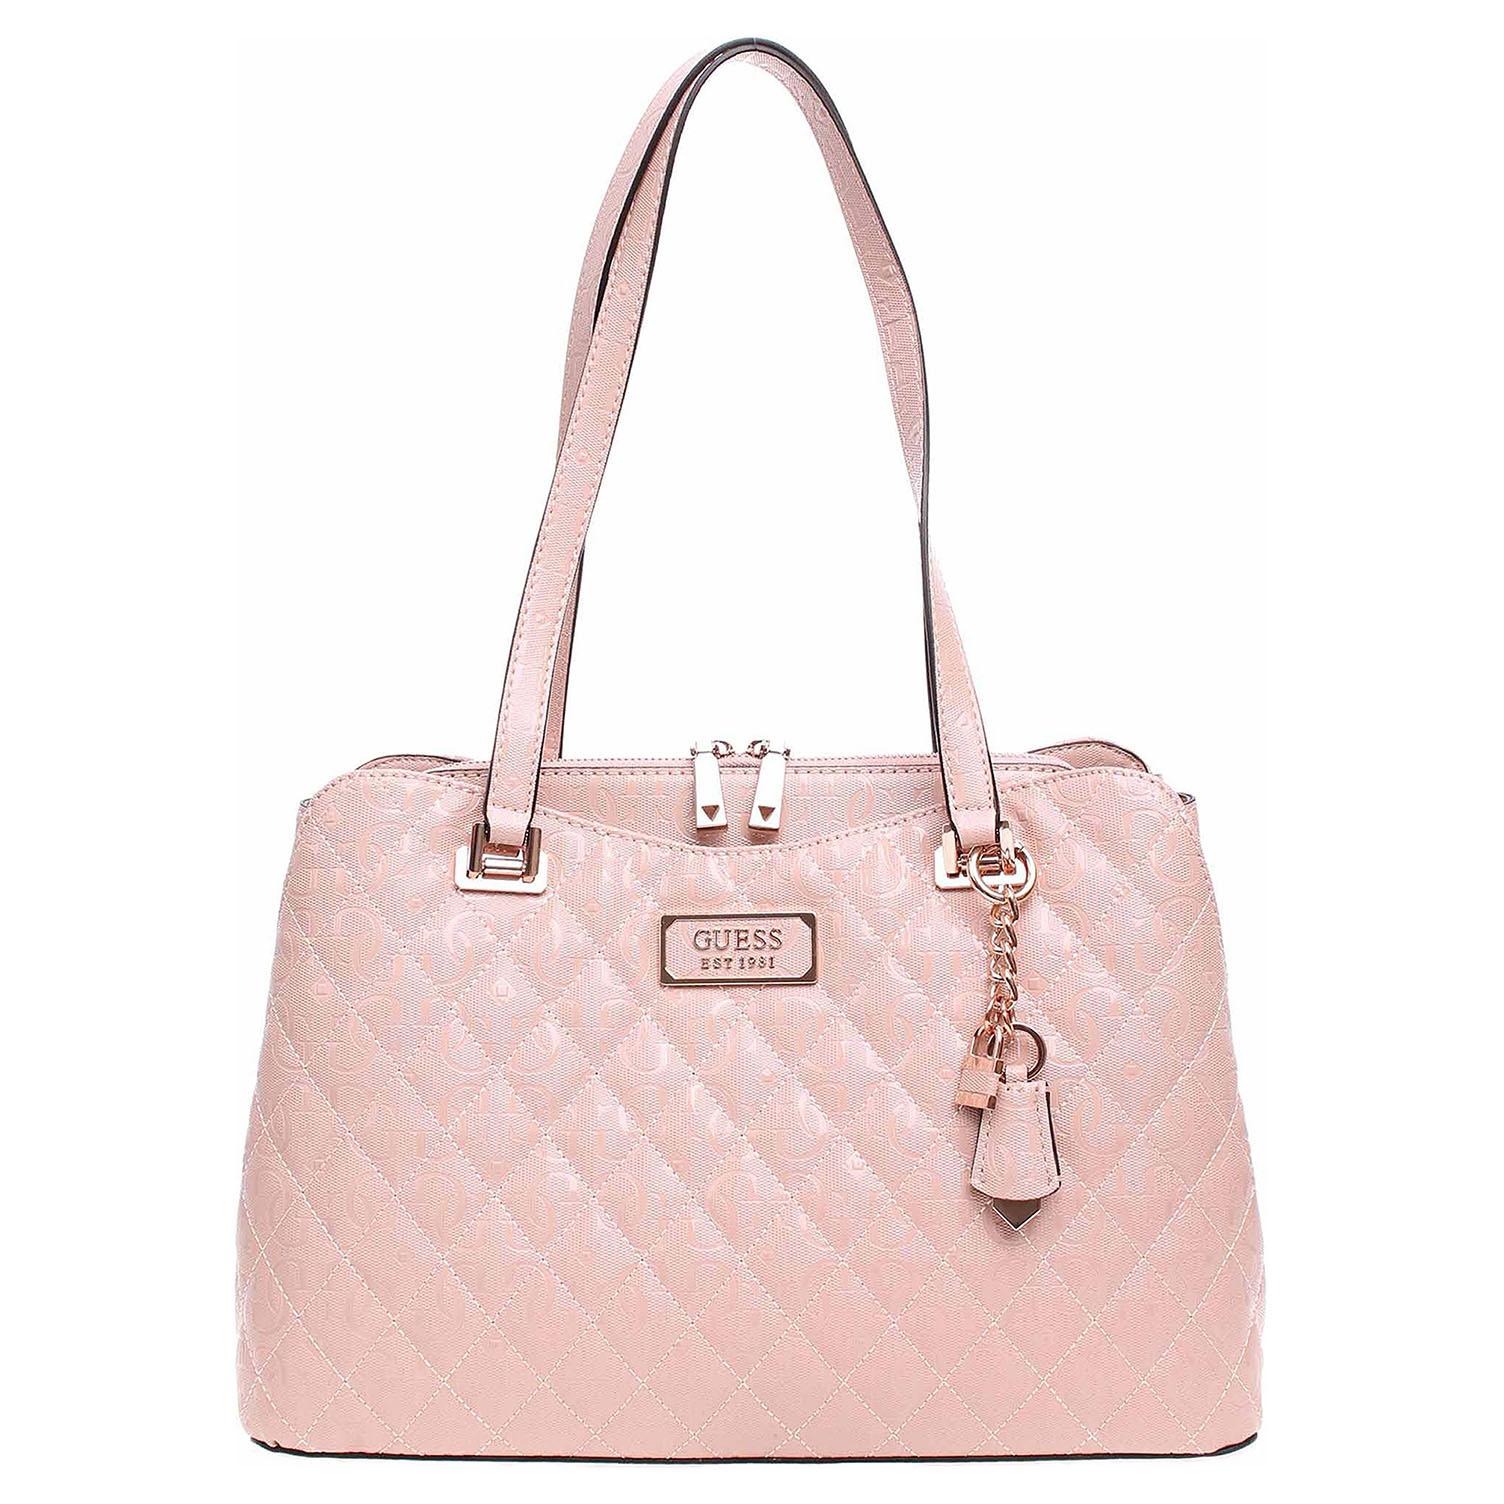 Gues dámská kabelka Lola Logo Rose HWSR7874090 ROS 1